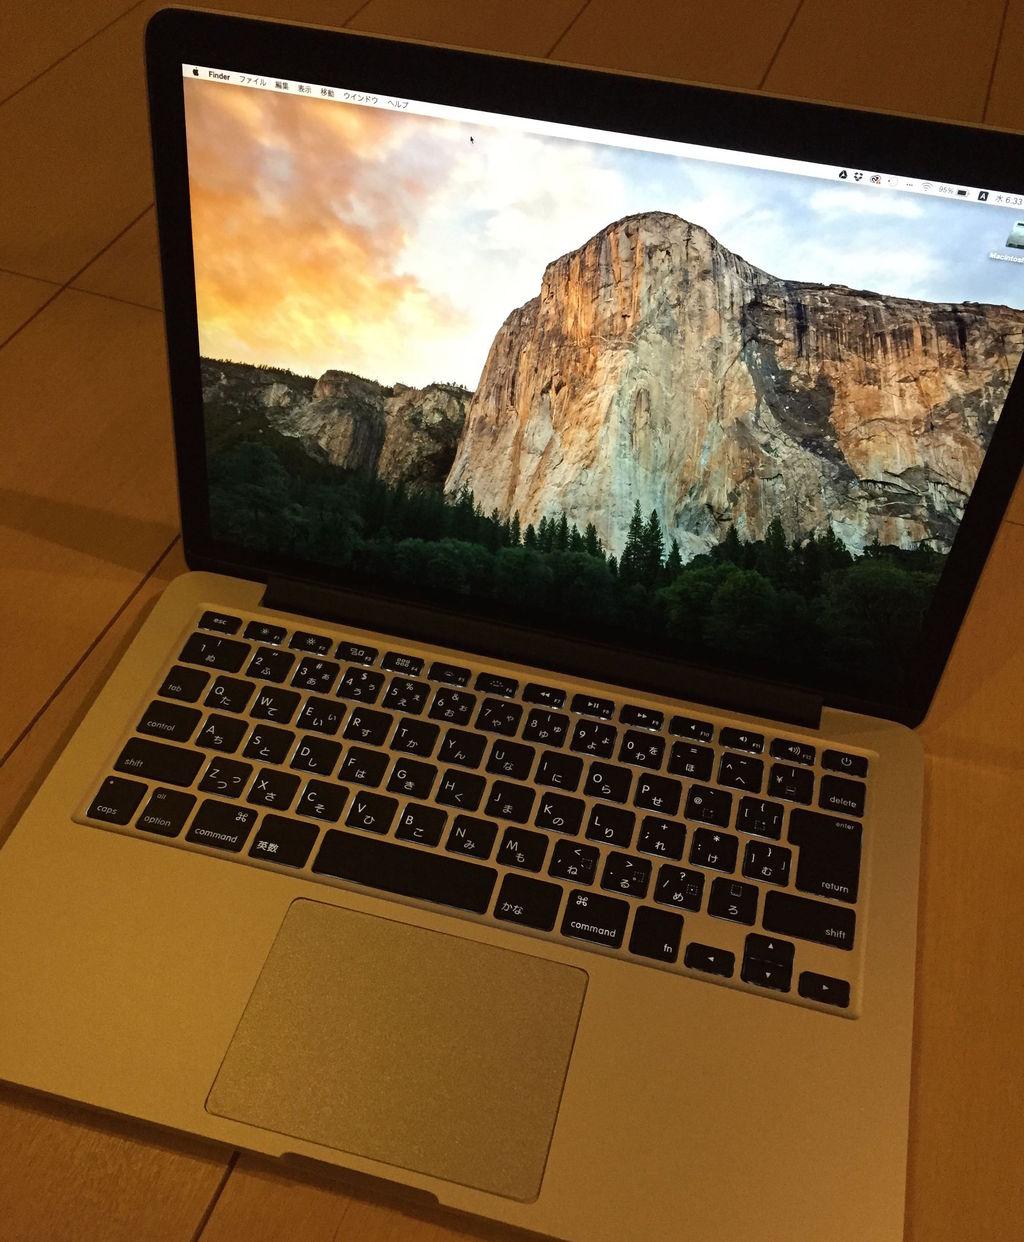 macbookpro13